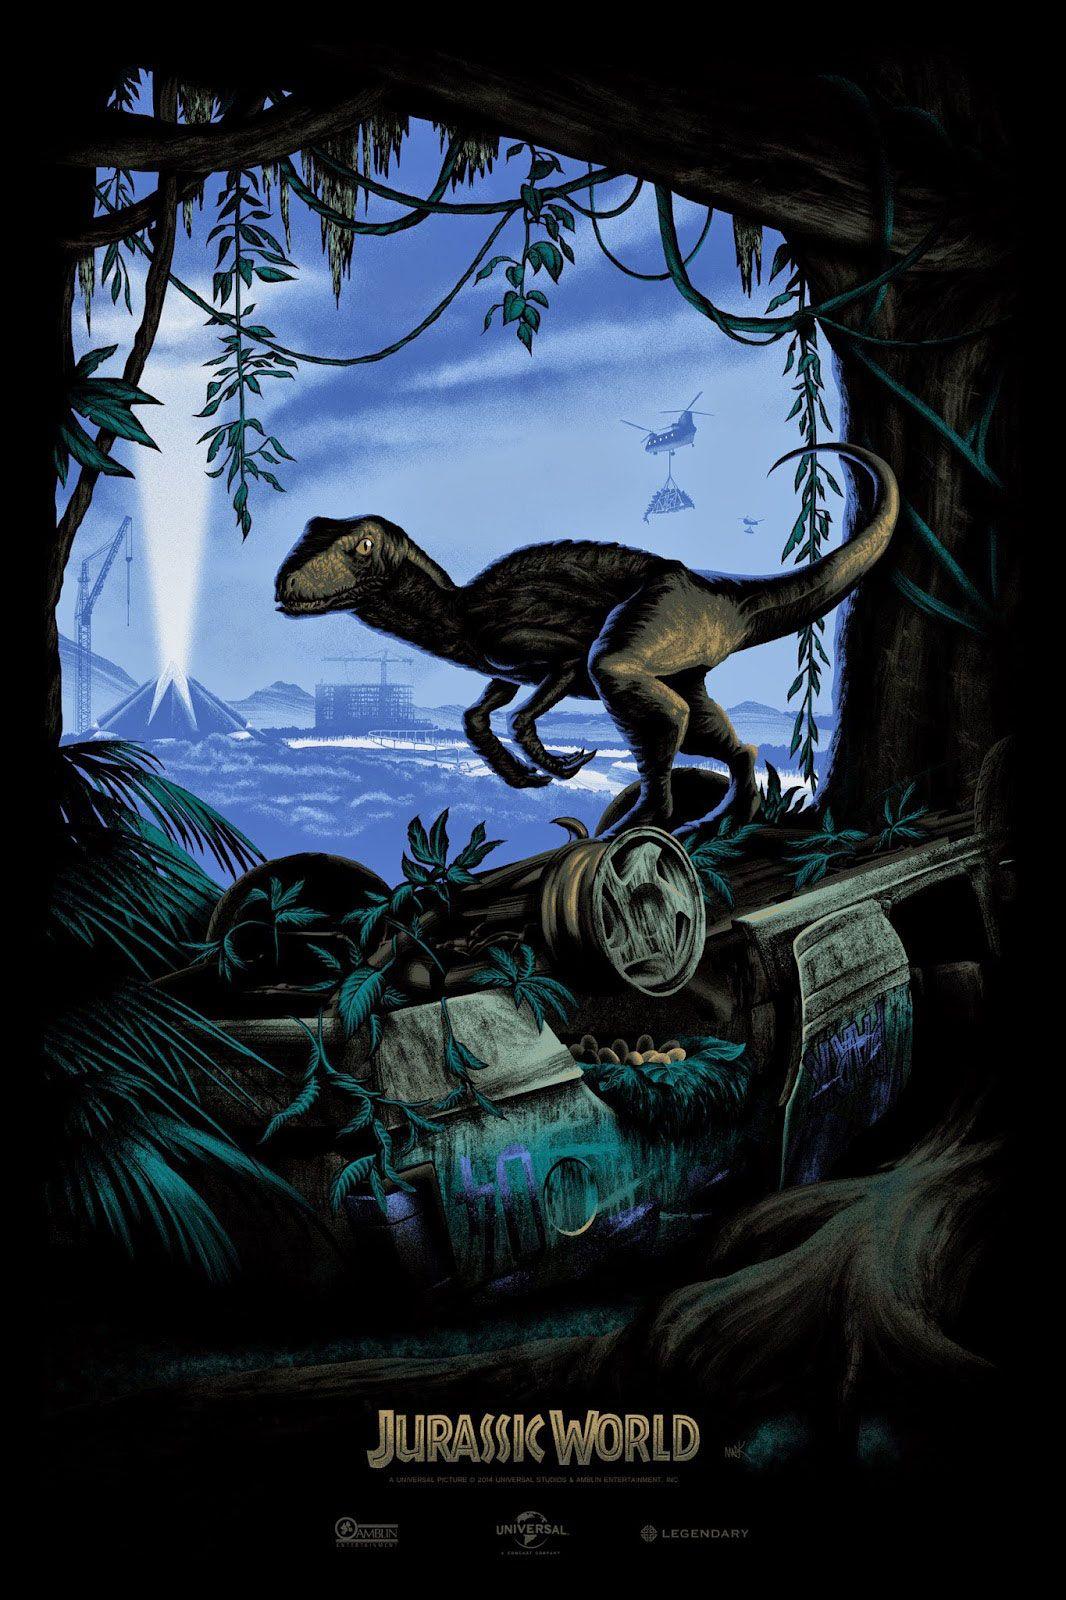 jurassic-world-poster-variant.jpg